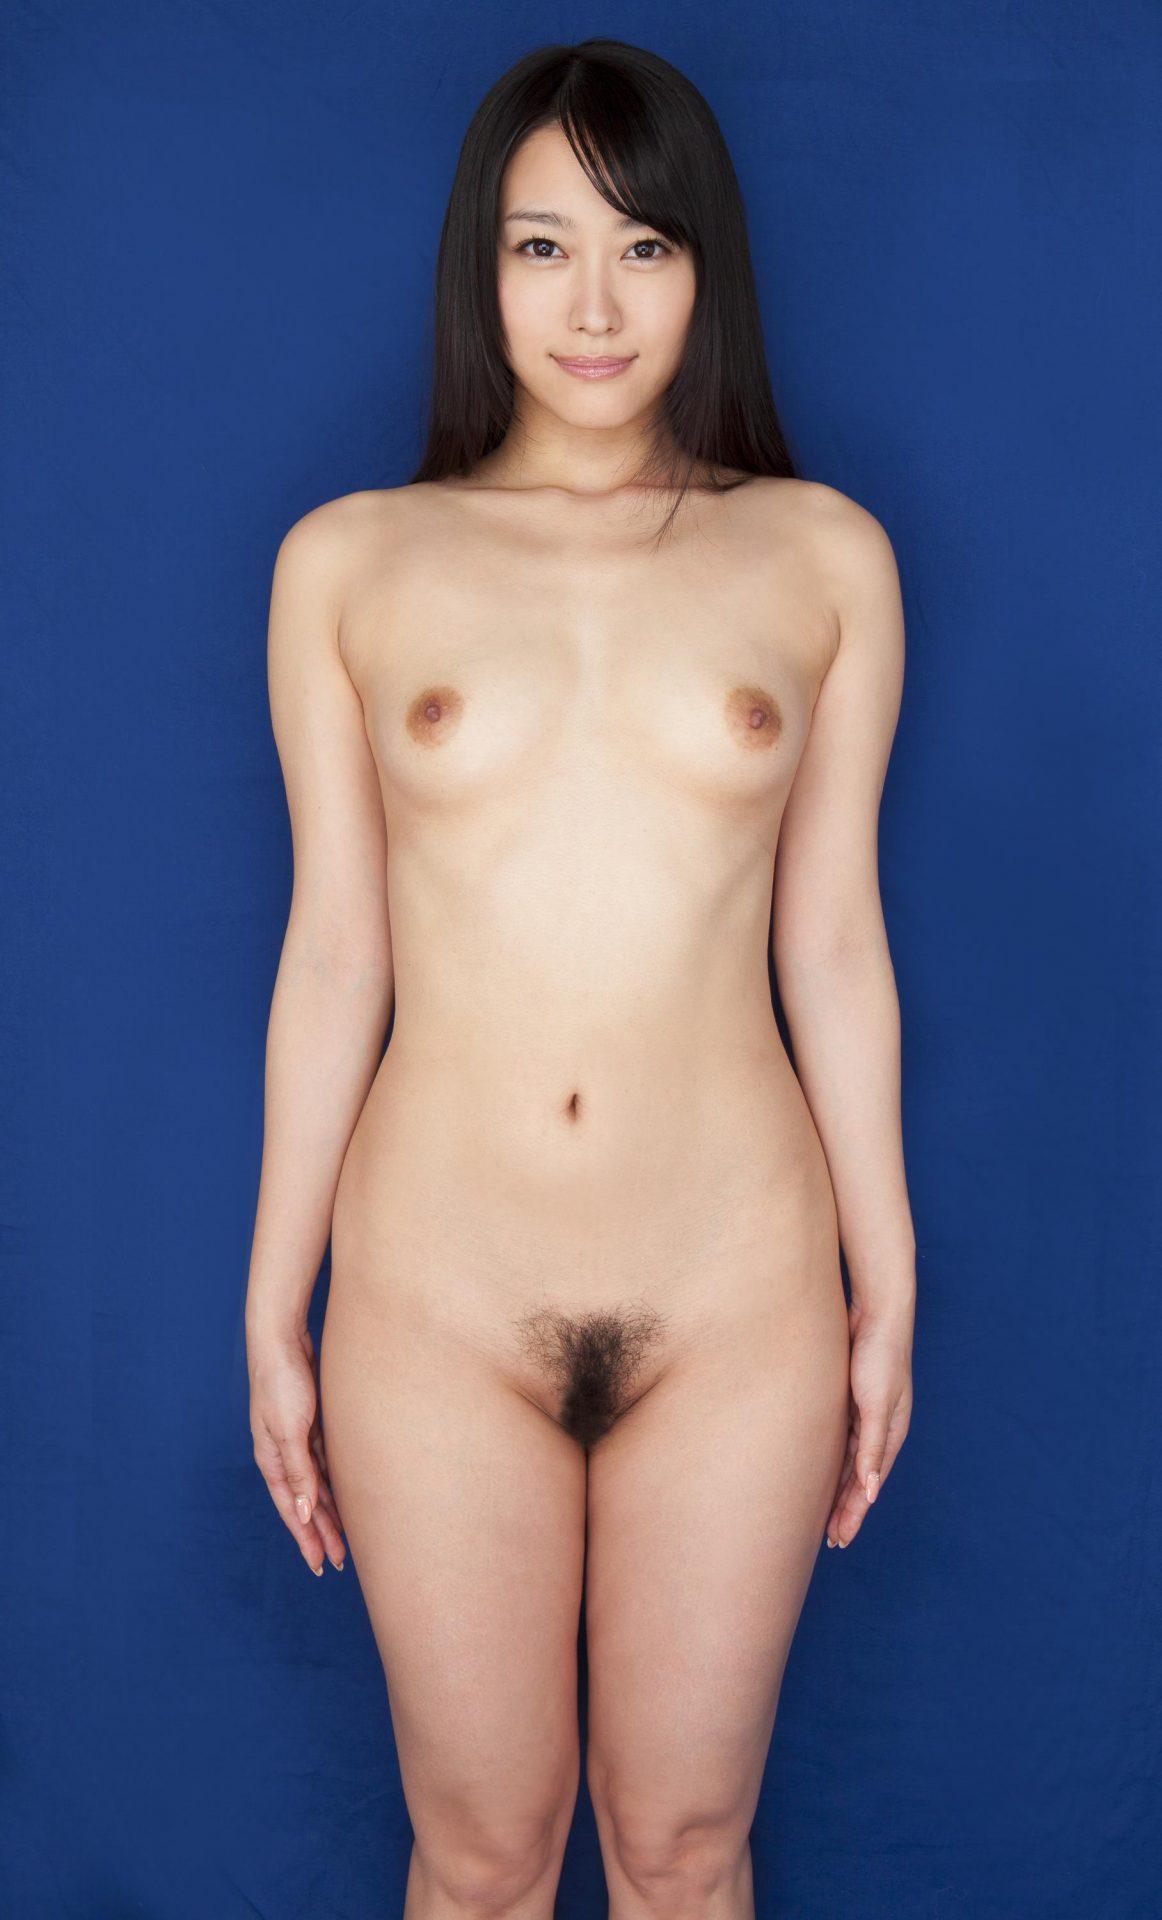 三次元 3次元 エロ画像 AV女優 西野翔 ヌード べっぴん娘通信 074